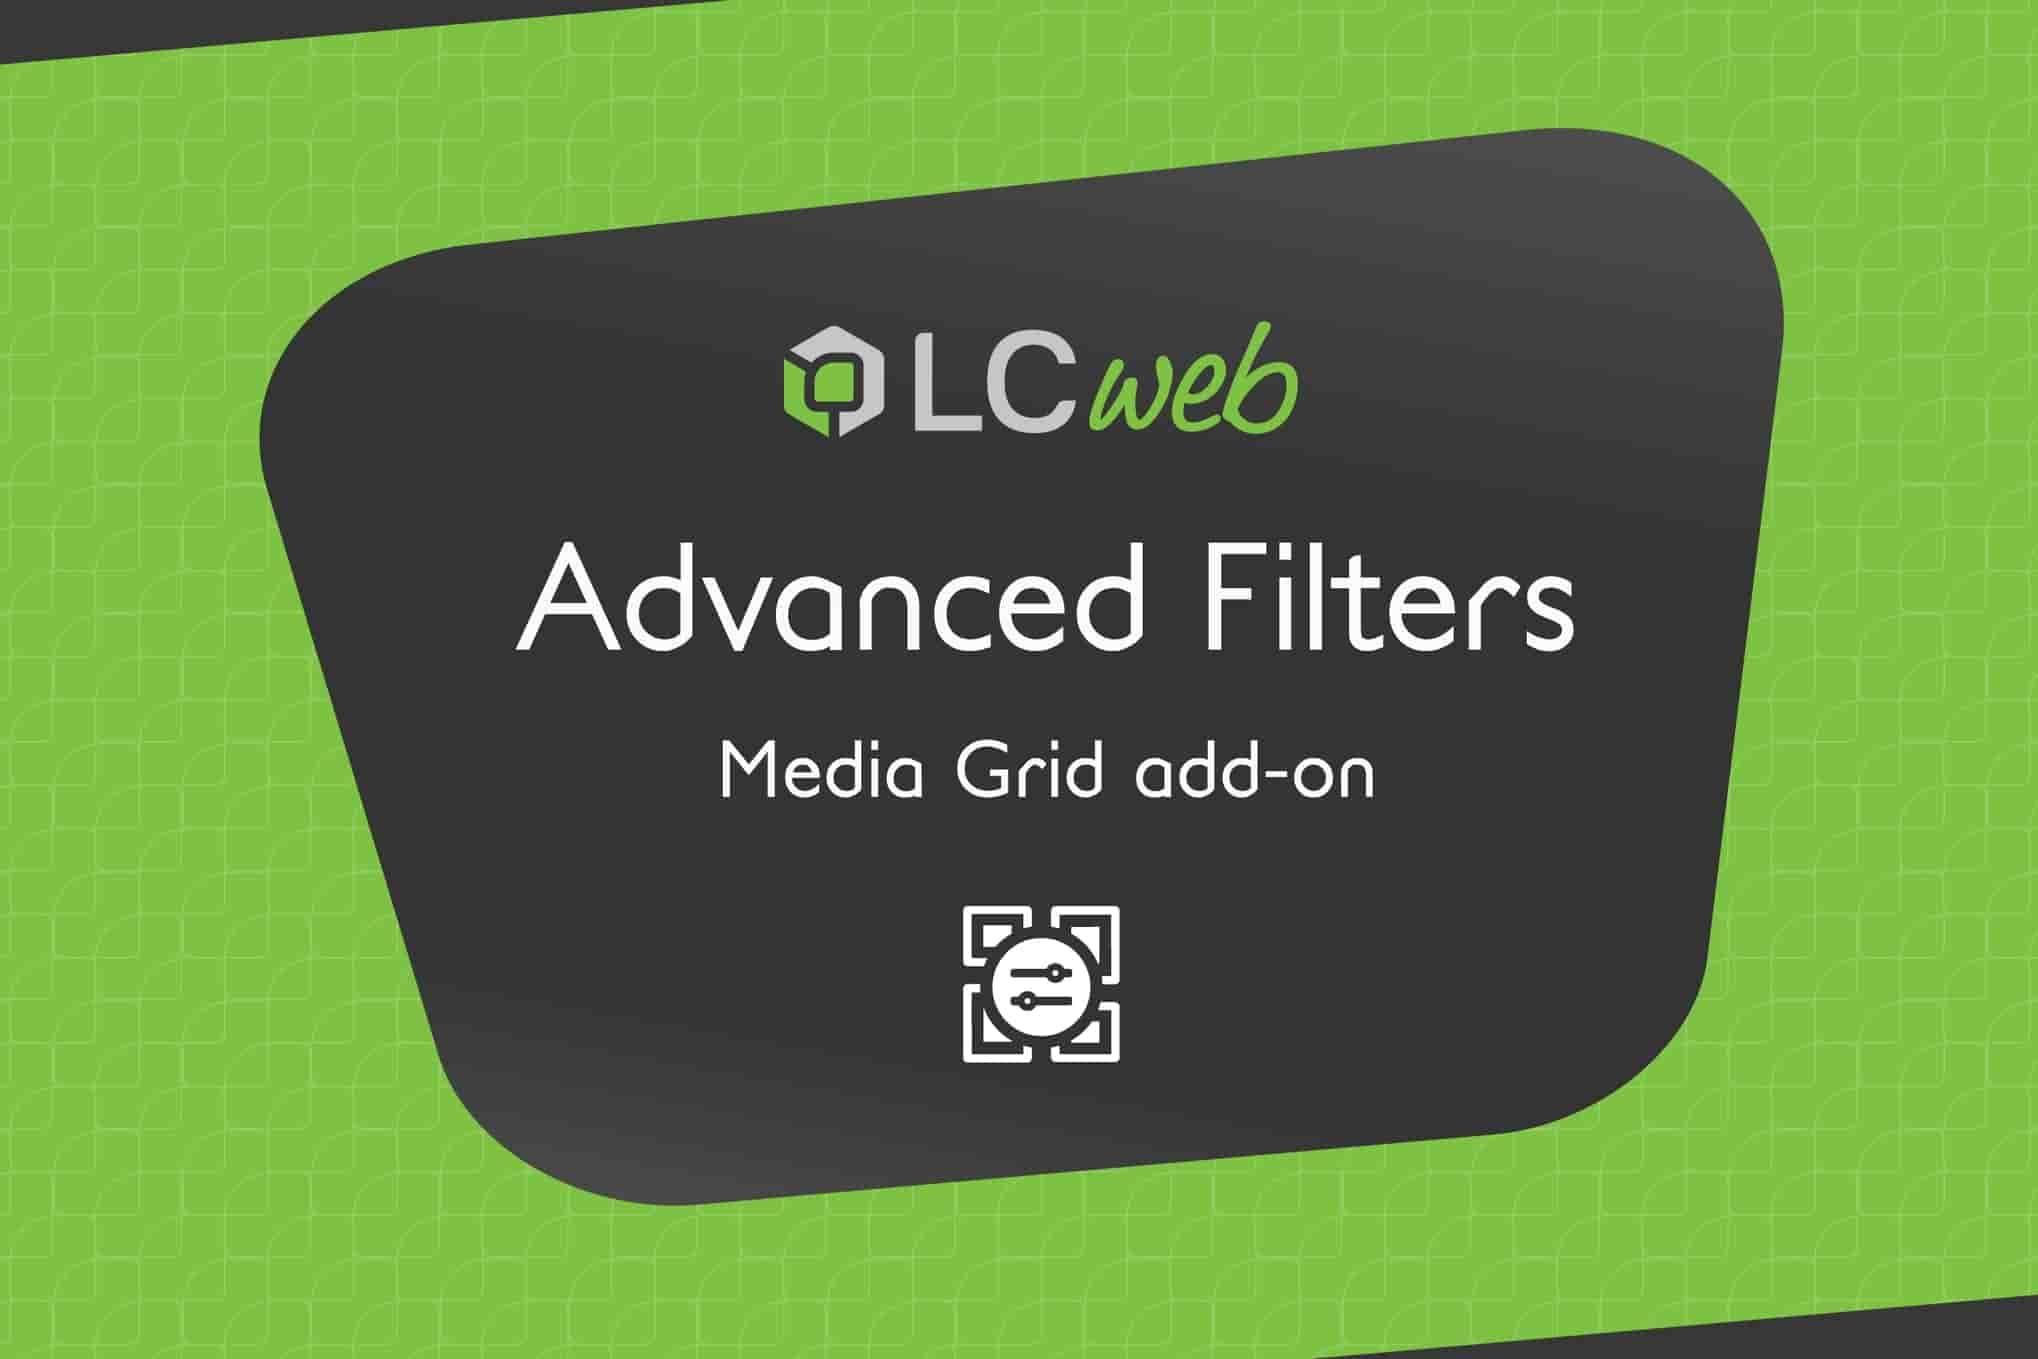 دانلود ادآن وردپرس Advanced Filters برای مدیا گرید